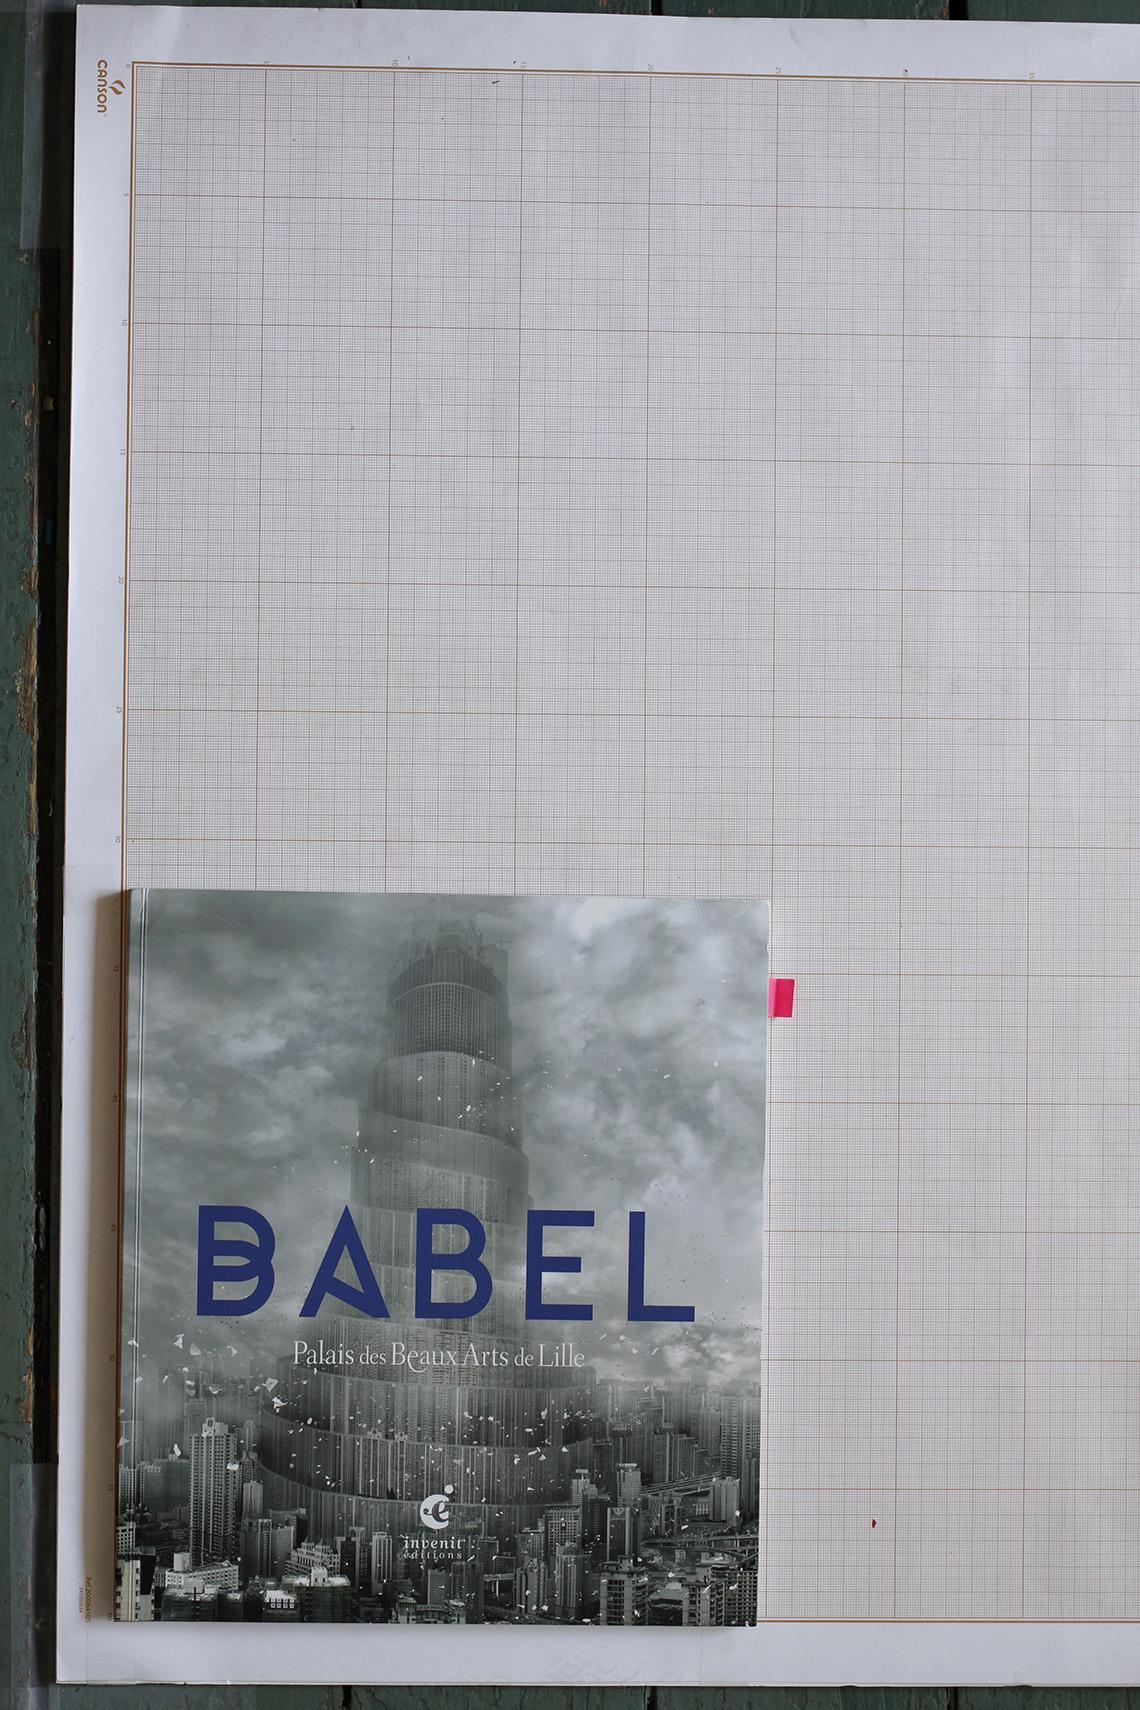 Babel. Palais des Beaux-Arts de Lille, R. Cotentin & A. Tapié - Invenit éd. © Maison Autrique, 2012